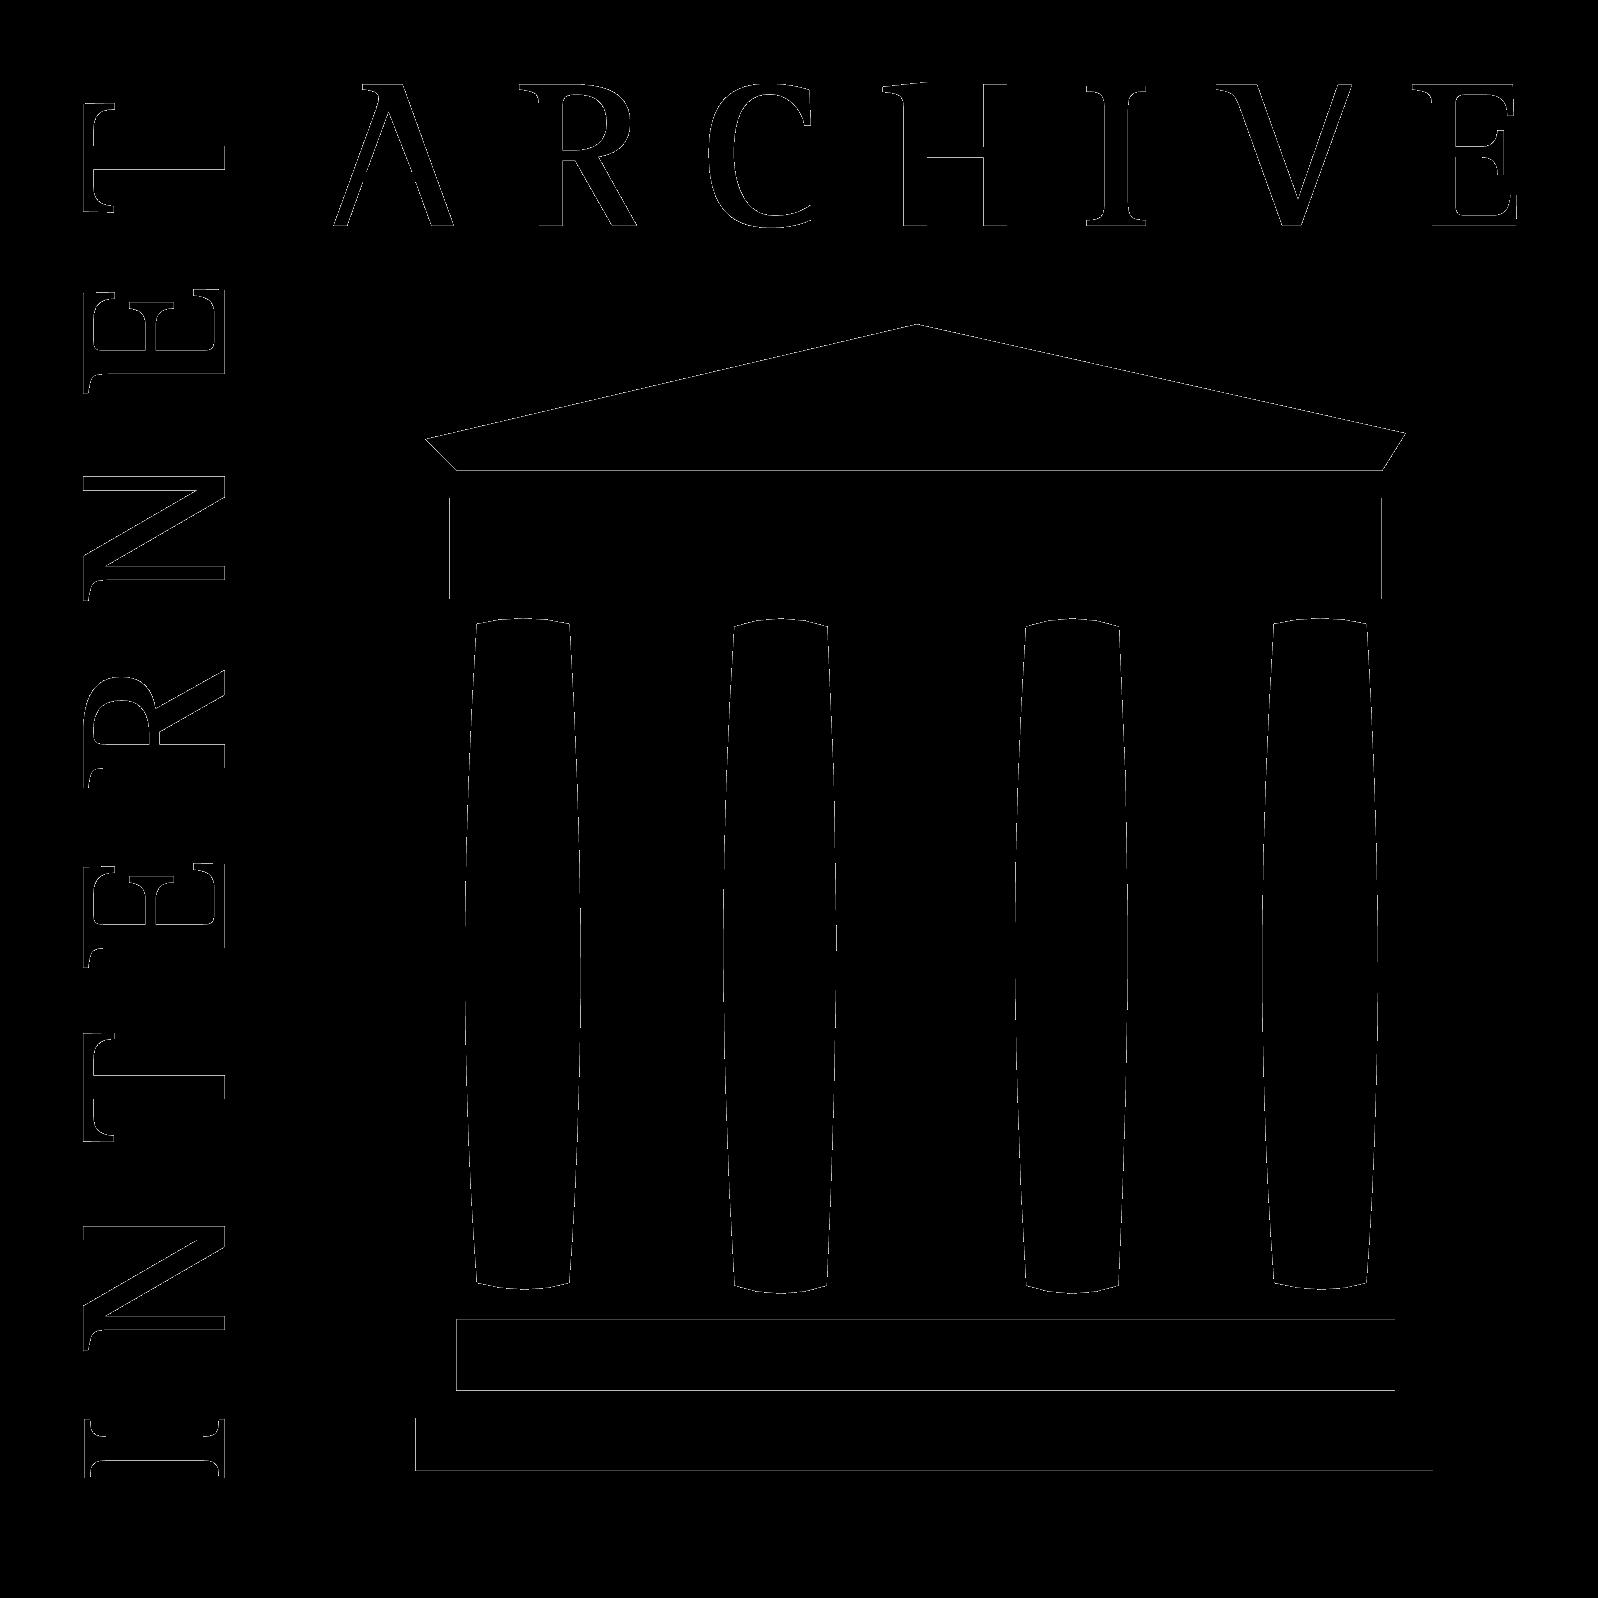 Internet archive merupakan sebuah perusahaan nirlaba yang menyediakan koleksi gambar Tutorial Tambah Backlink / Situs Di Archive.org ( Internet Archive )